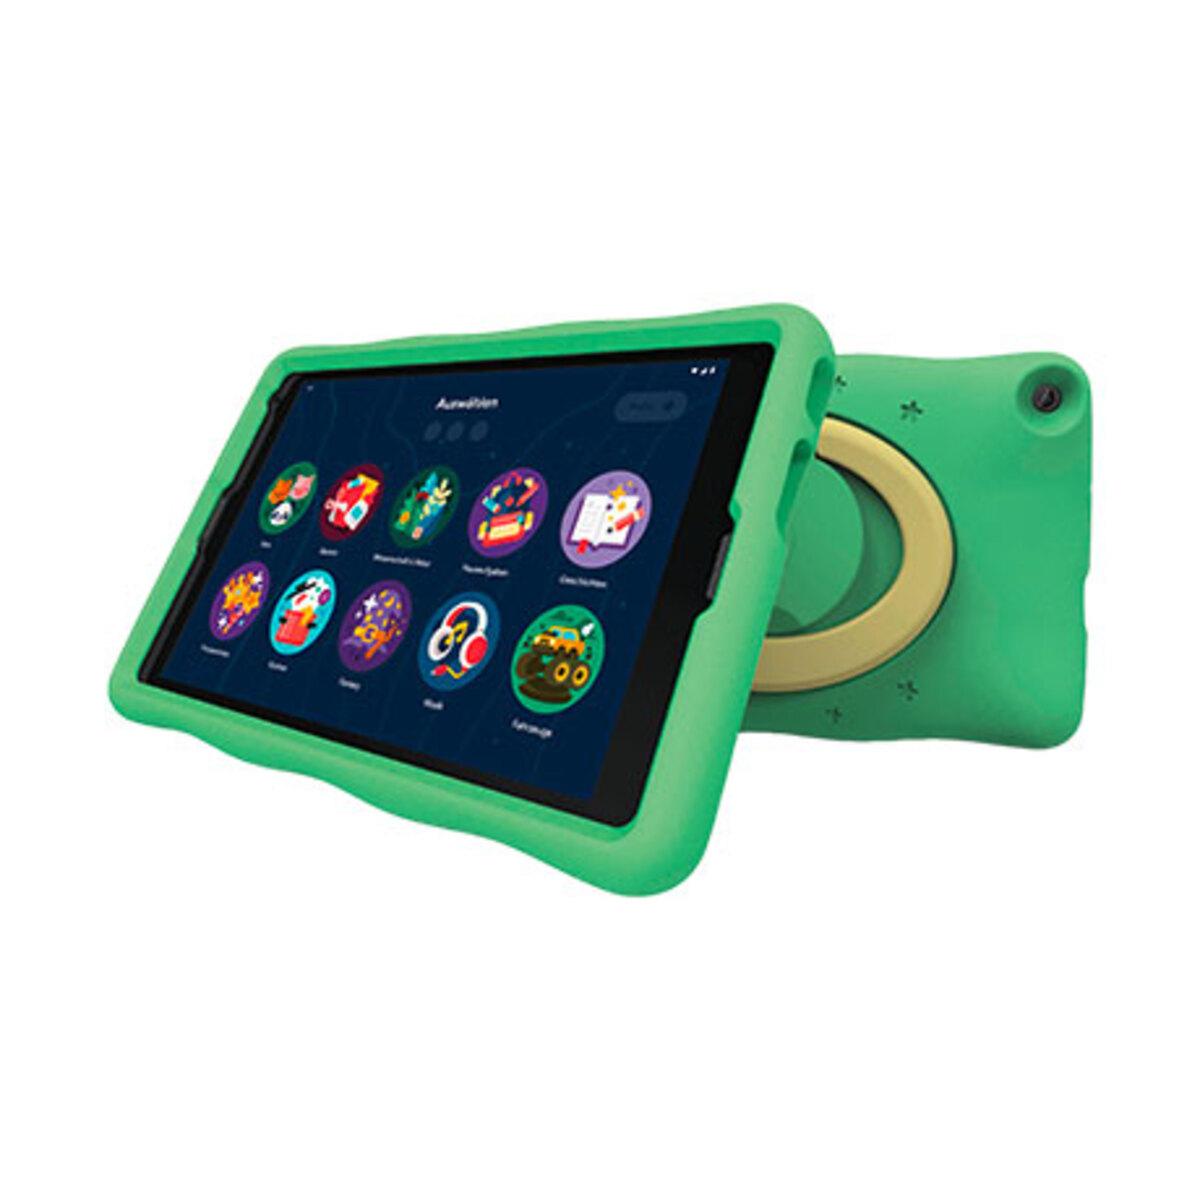 Bild 2 von Kids Tablet E104401